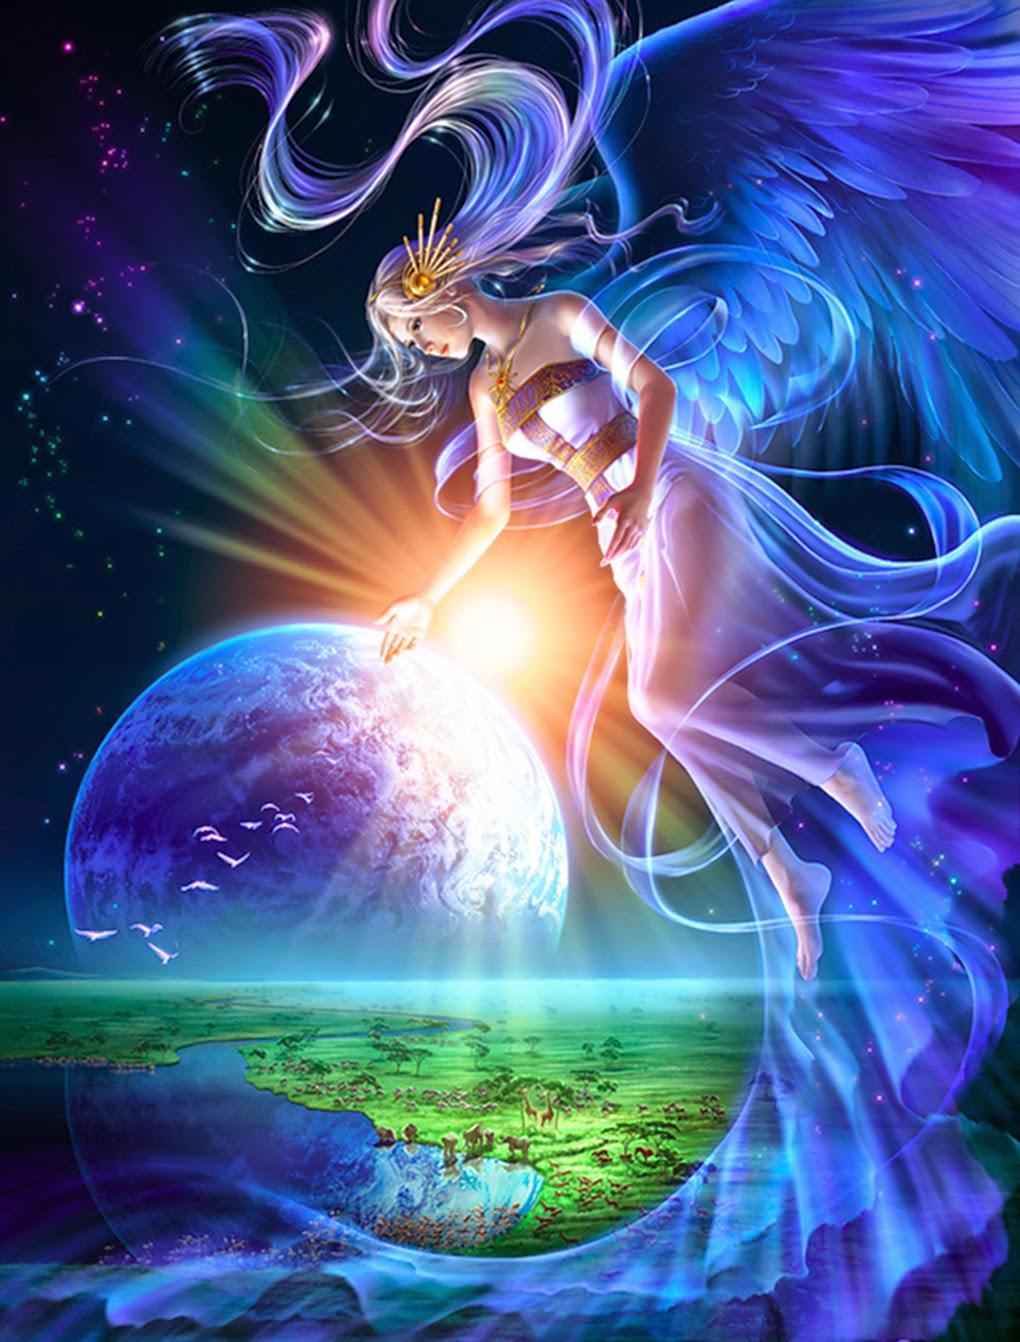 Resultado de imagem para simbolos de seres de luz brilhante que se movimentam